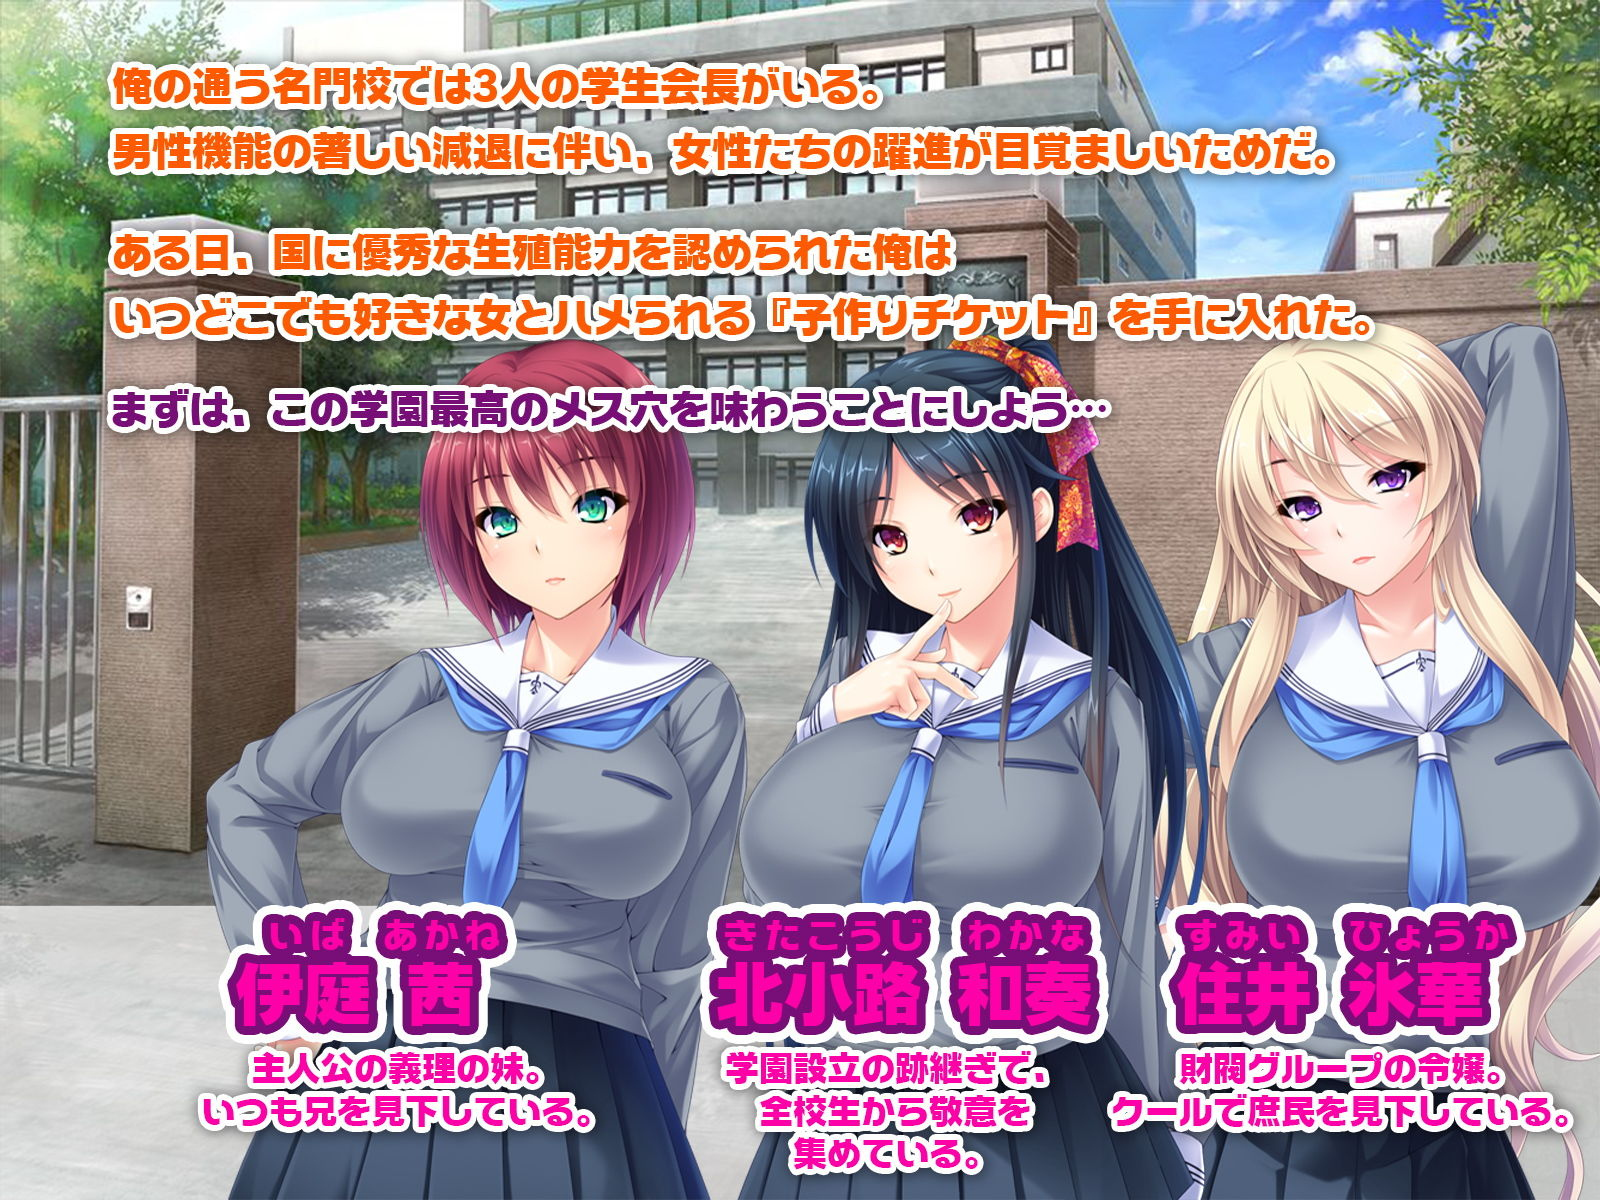 ハメハメ種付け学園 〜合法チ●ポで生意気娘を完全征服!〜